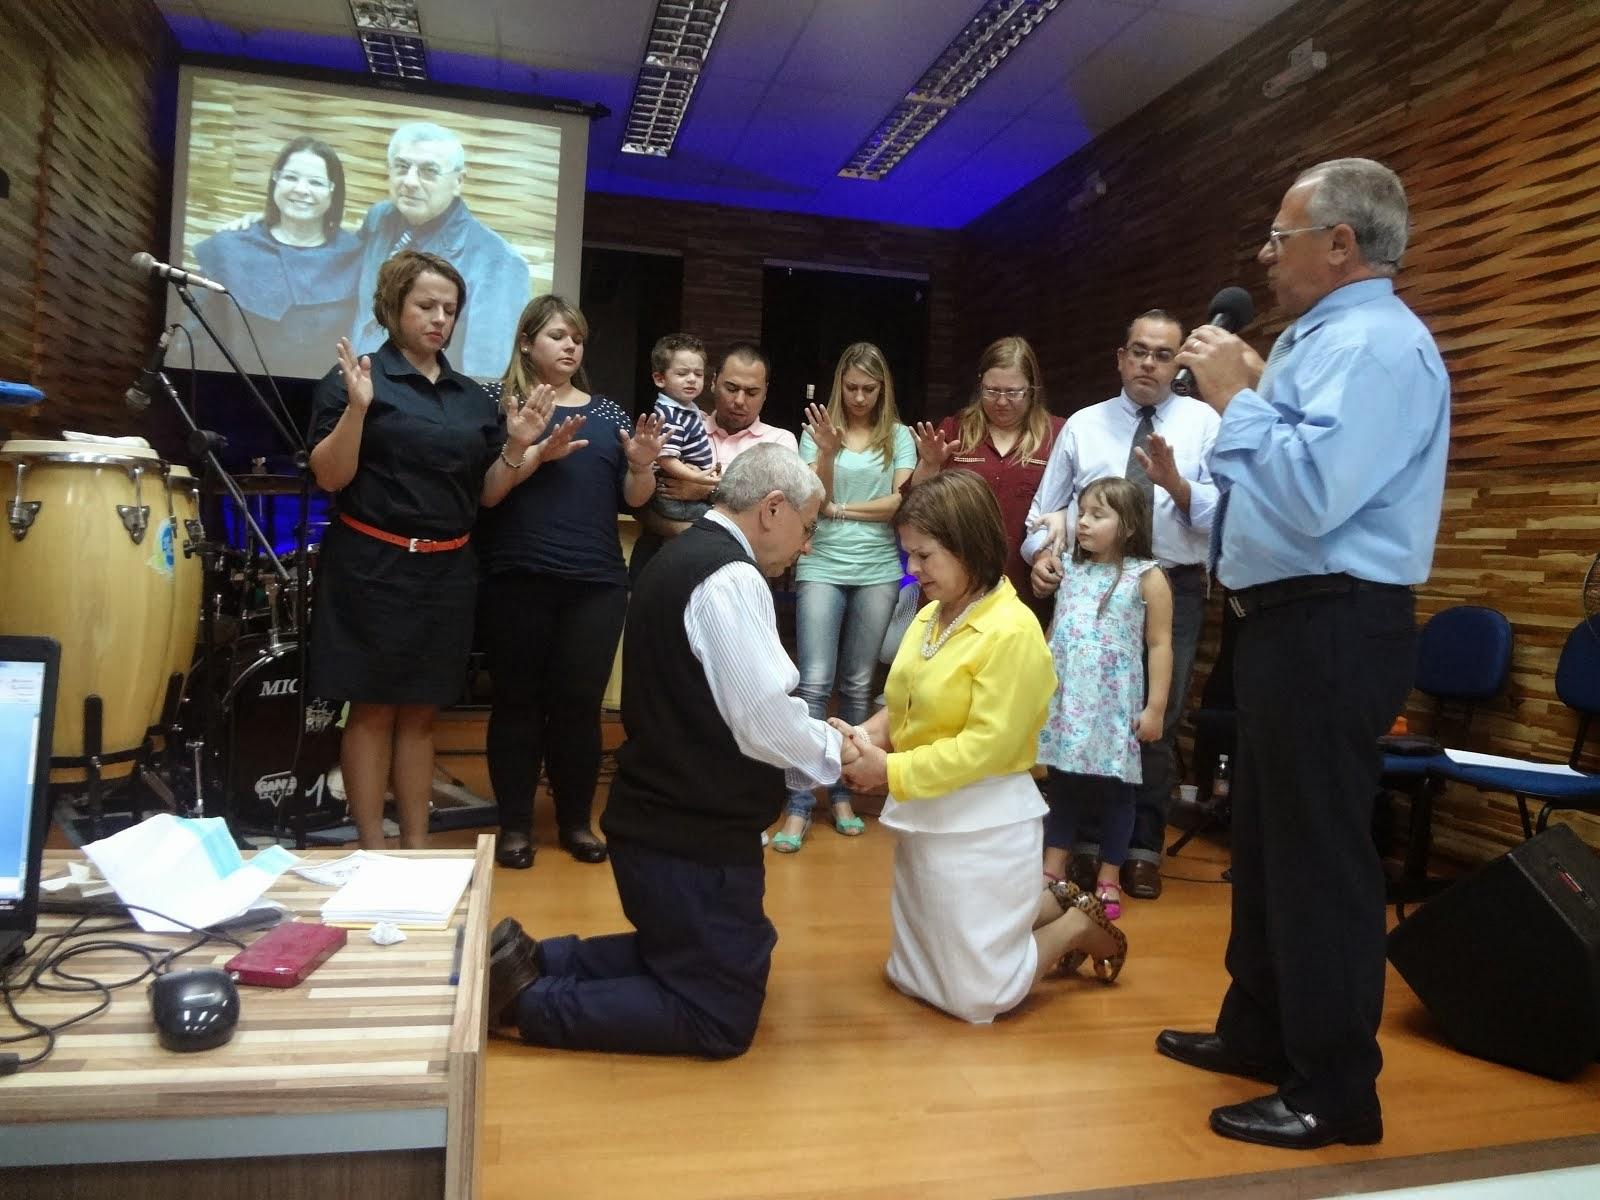 ANIVERSÁRIO CASAMENTO - Pr. Abilio e Pra. Vera e toda a família orando: 40 anos de casados